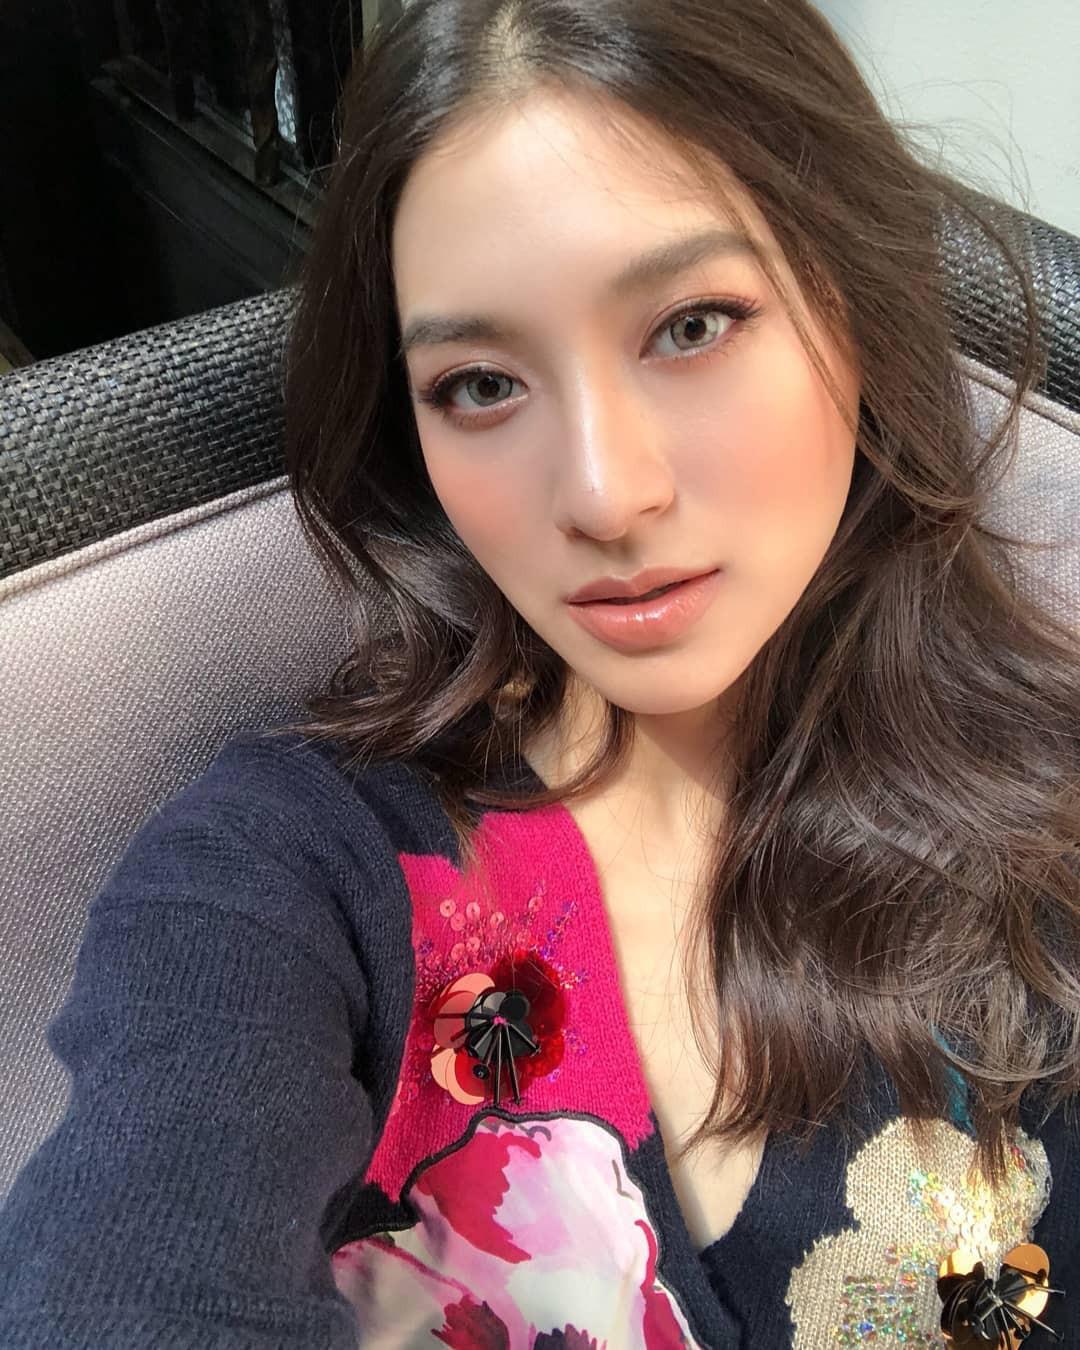 Top 10 mỹ nhân đẹp nhất đài truyền hình quyền lực Thái Lan: Toàn 9X đắt giá nhưng vẫn bị chị đại quyền lực vượt mặt - Ảnh 14.